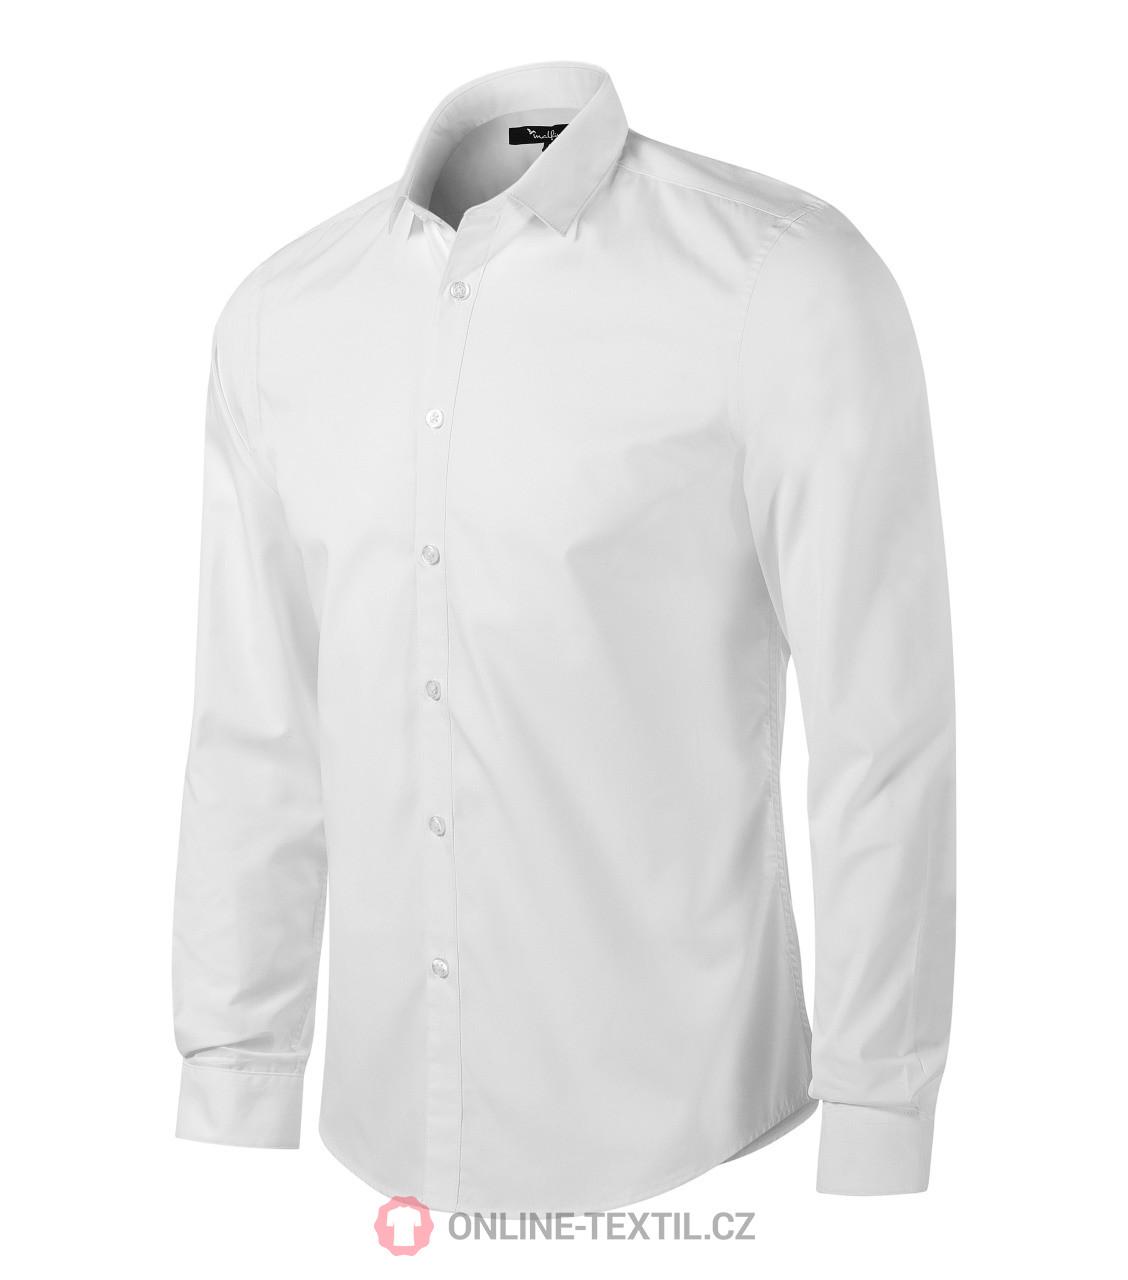 573549dd3ba1 ADLER CZECH Pánska košeľa Malfini Premium Dynamic 262 - biela z ...